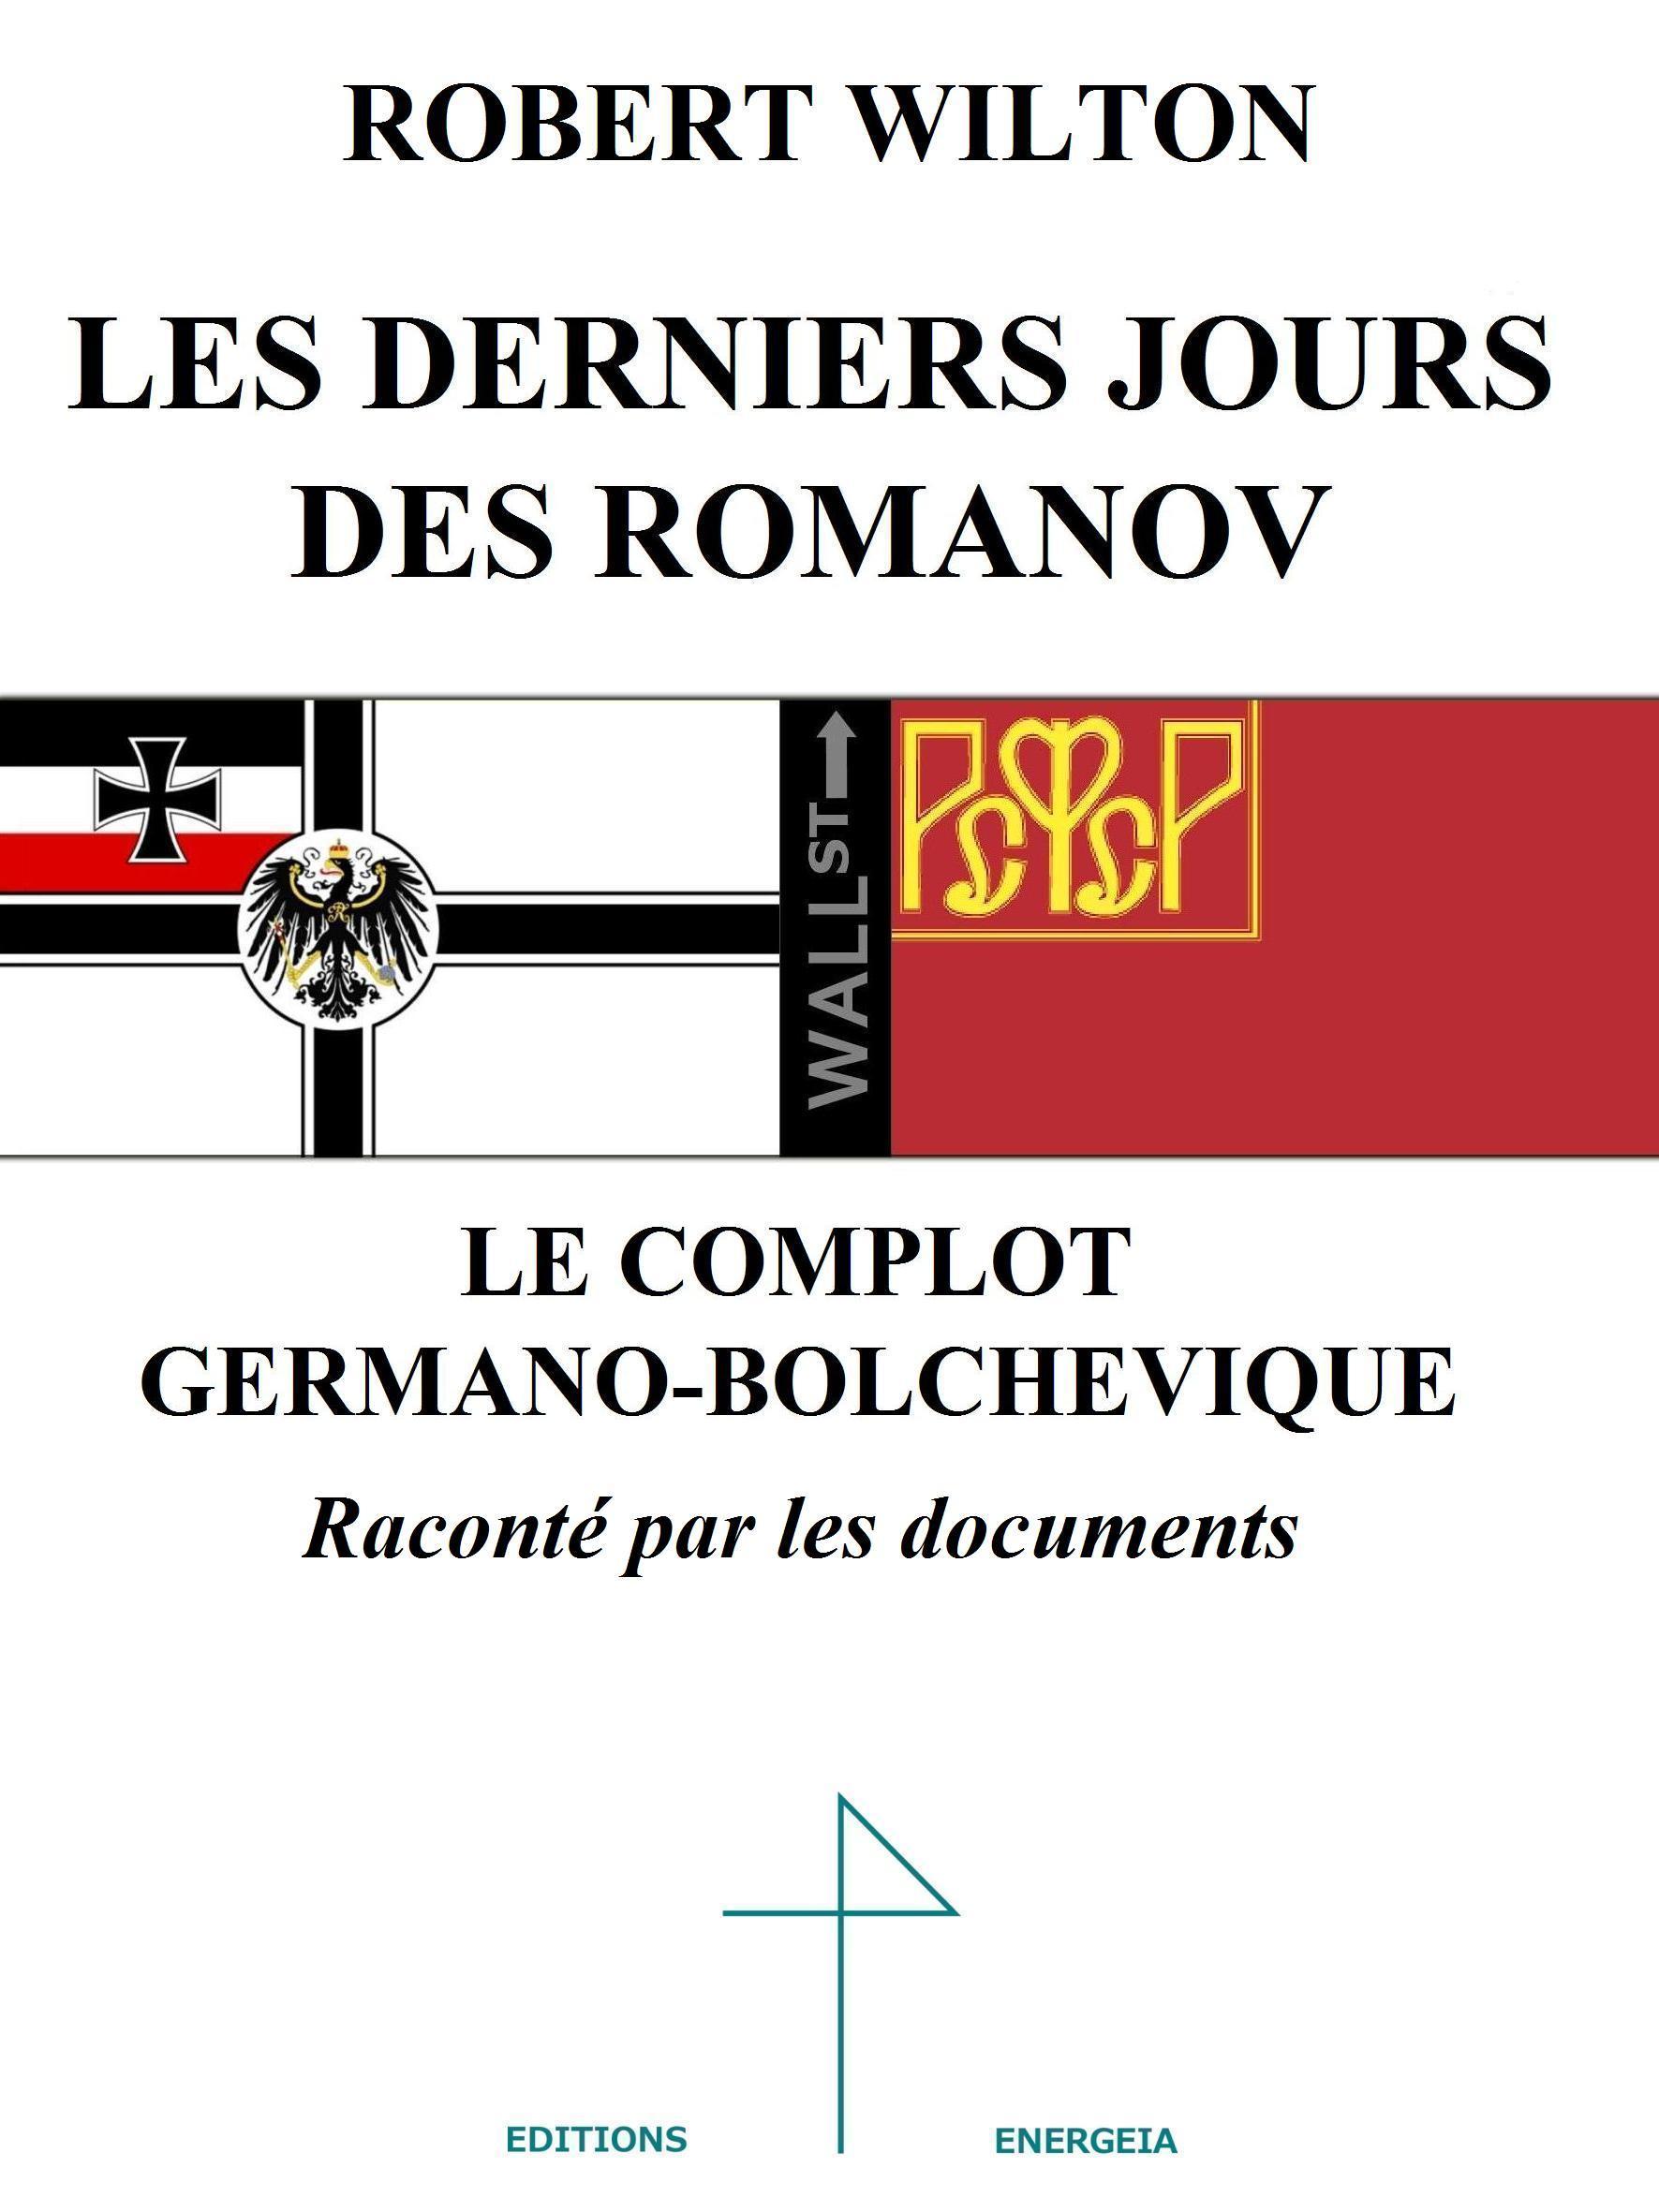 LES DERNIERS JOURS DES ROMANOV - LE COMPLOT GERMANO-BOLCHEVIQUE - ROBERT WILTON